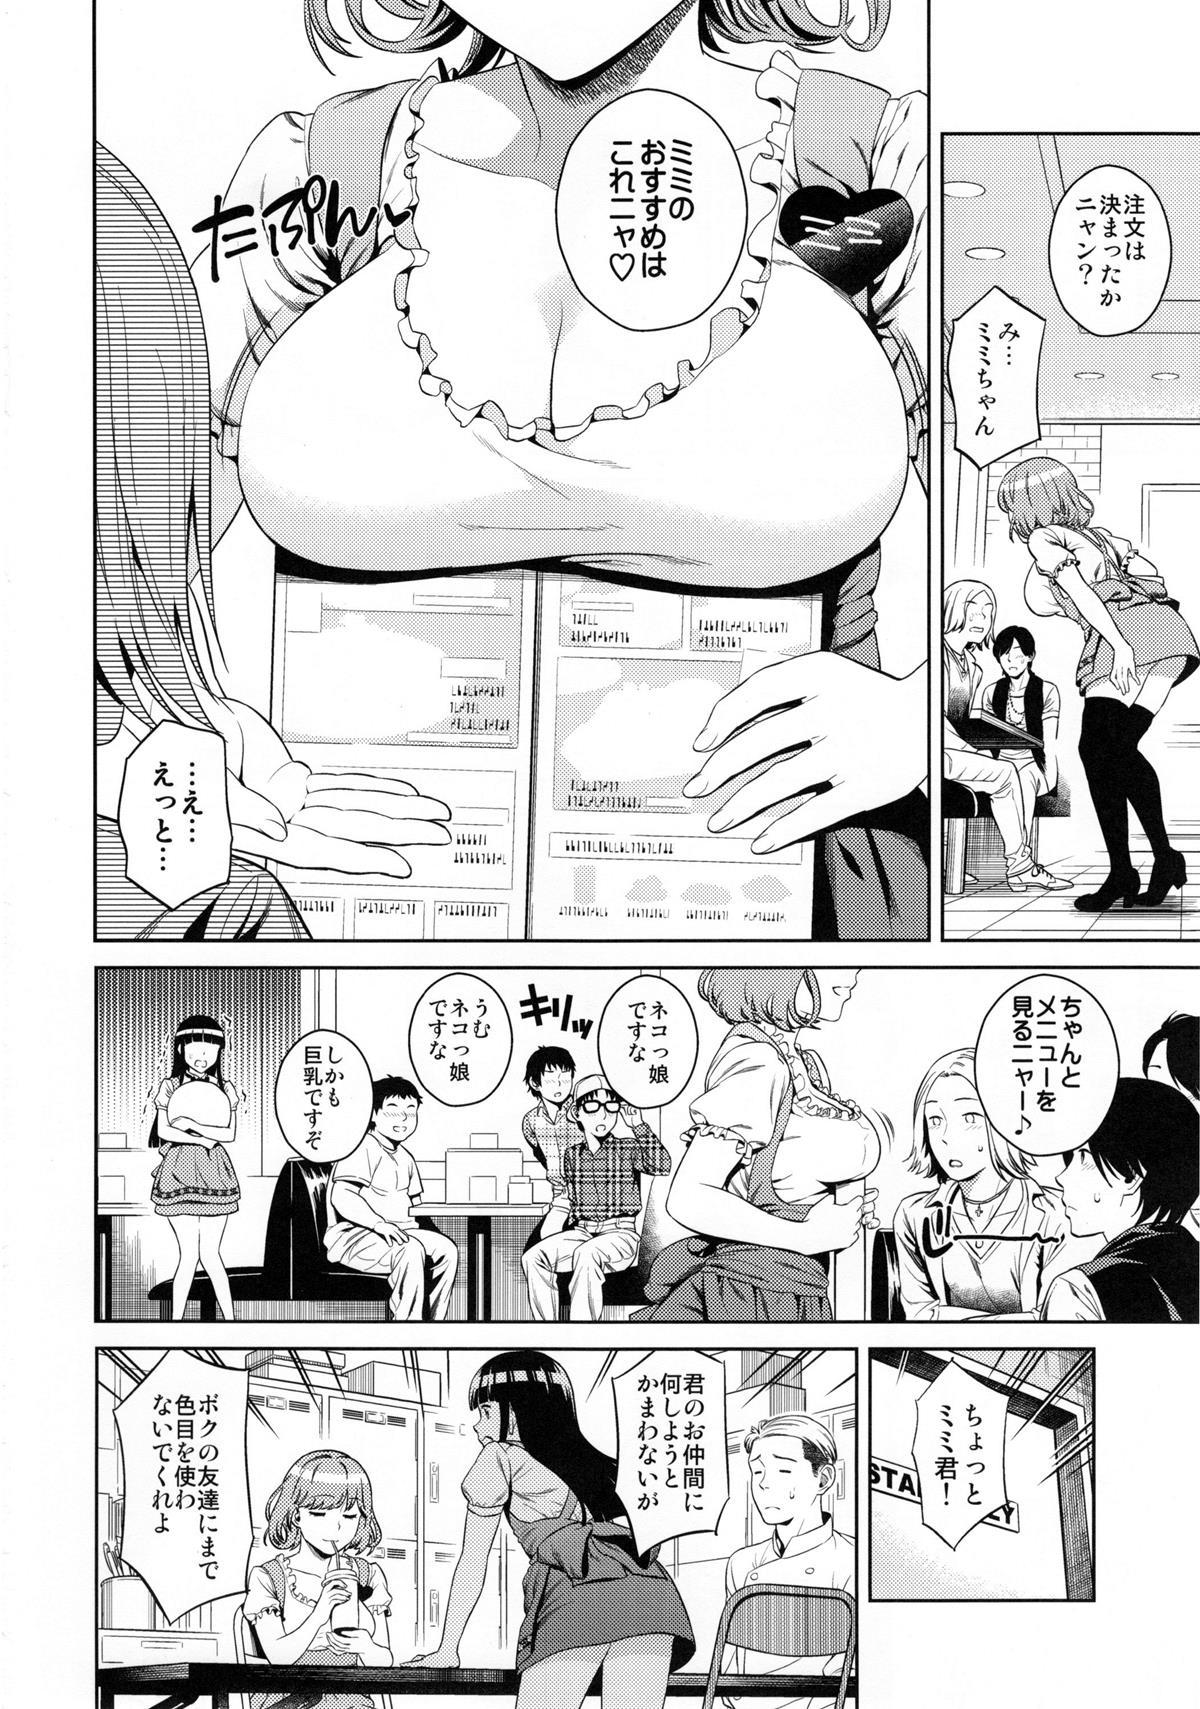 【エロ漫画・エロ同人】ボクっ娘とネコっ娘に迫られて選べずにいたらふたりがかりで射精しにかかってきたwwwww (6)